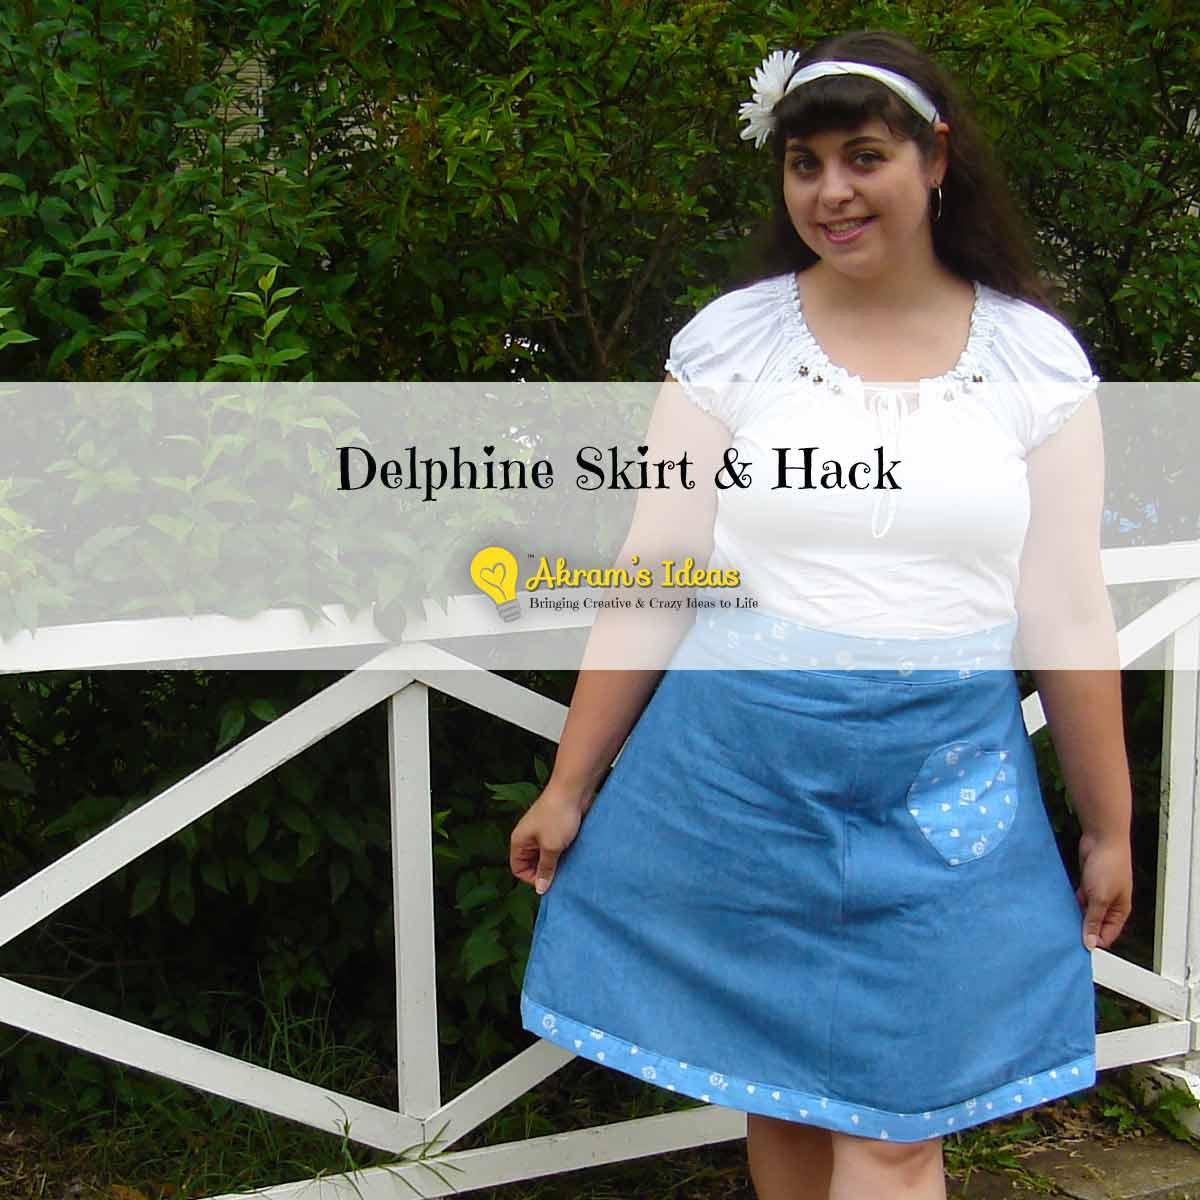 Delphine Skirt & Hack